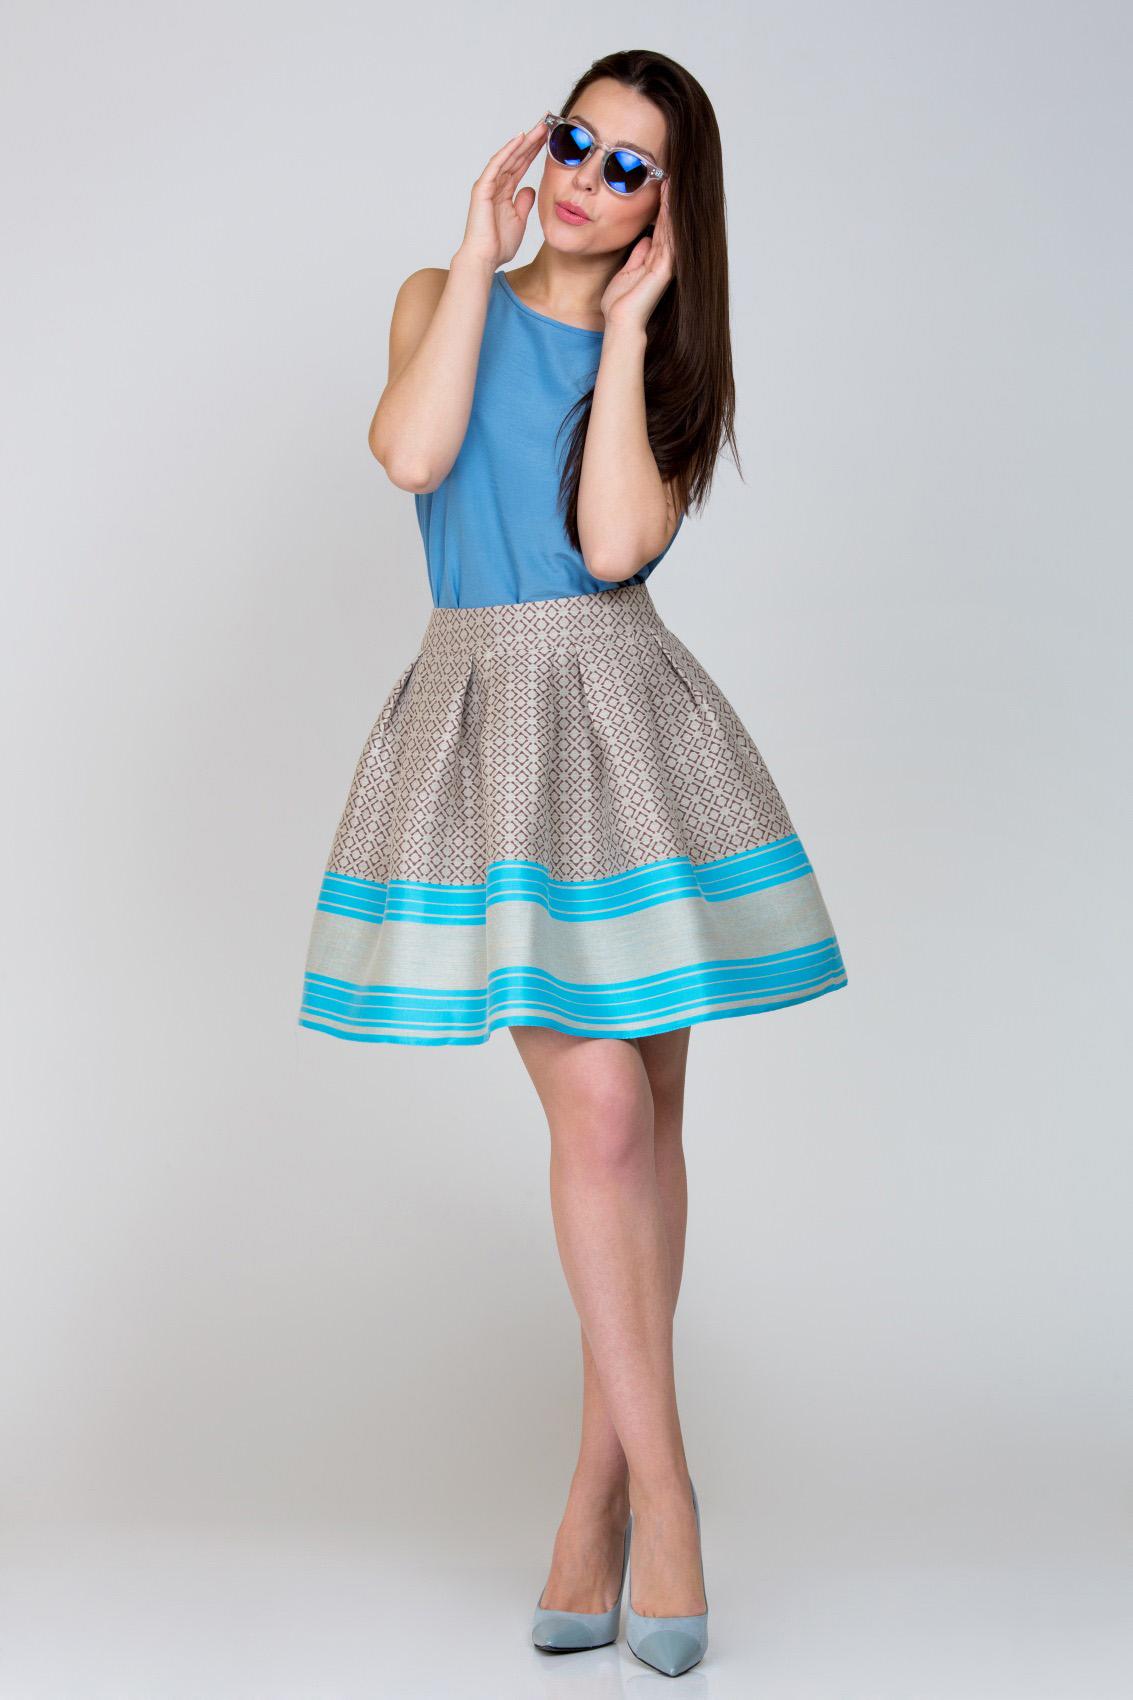 fe6eab44e Женскую одежду Emka Fashion выбирают яркие, молодые, активные, амбициозные  девушки. Вещи этой фирмы отличаются колоритом и стилем, дарят позитив и  помогают ...